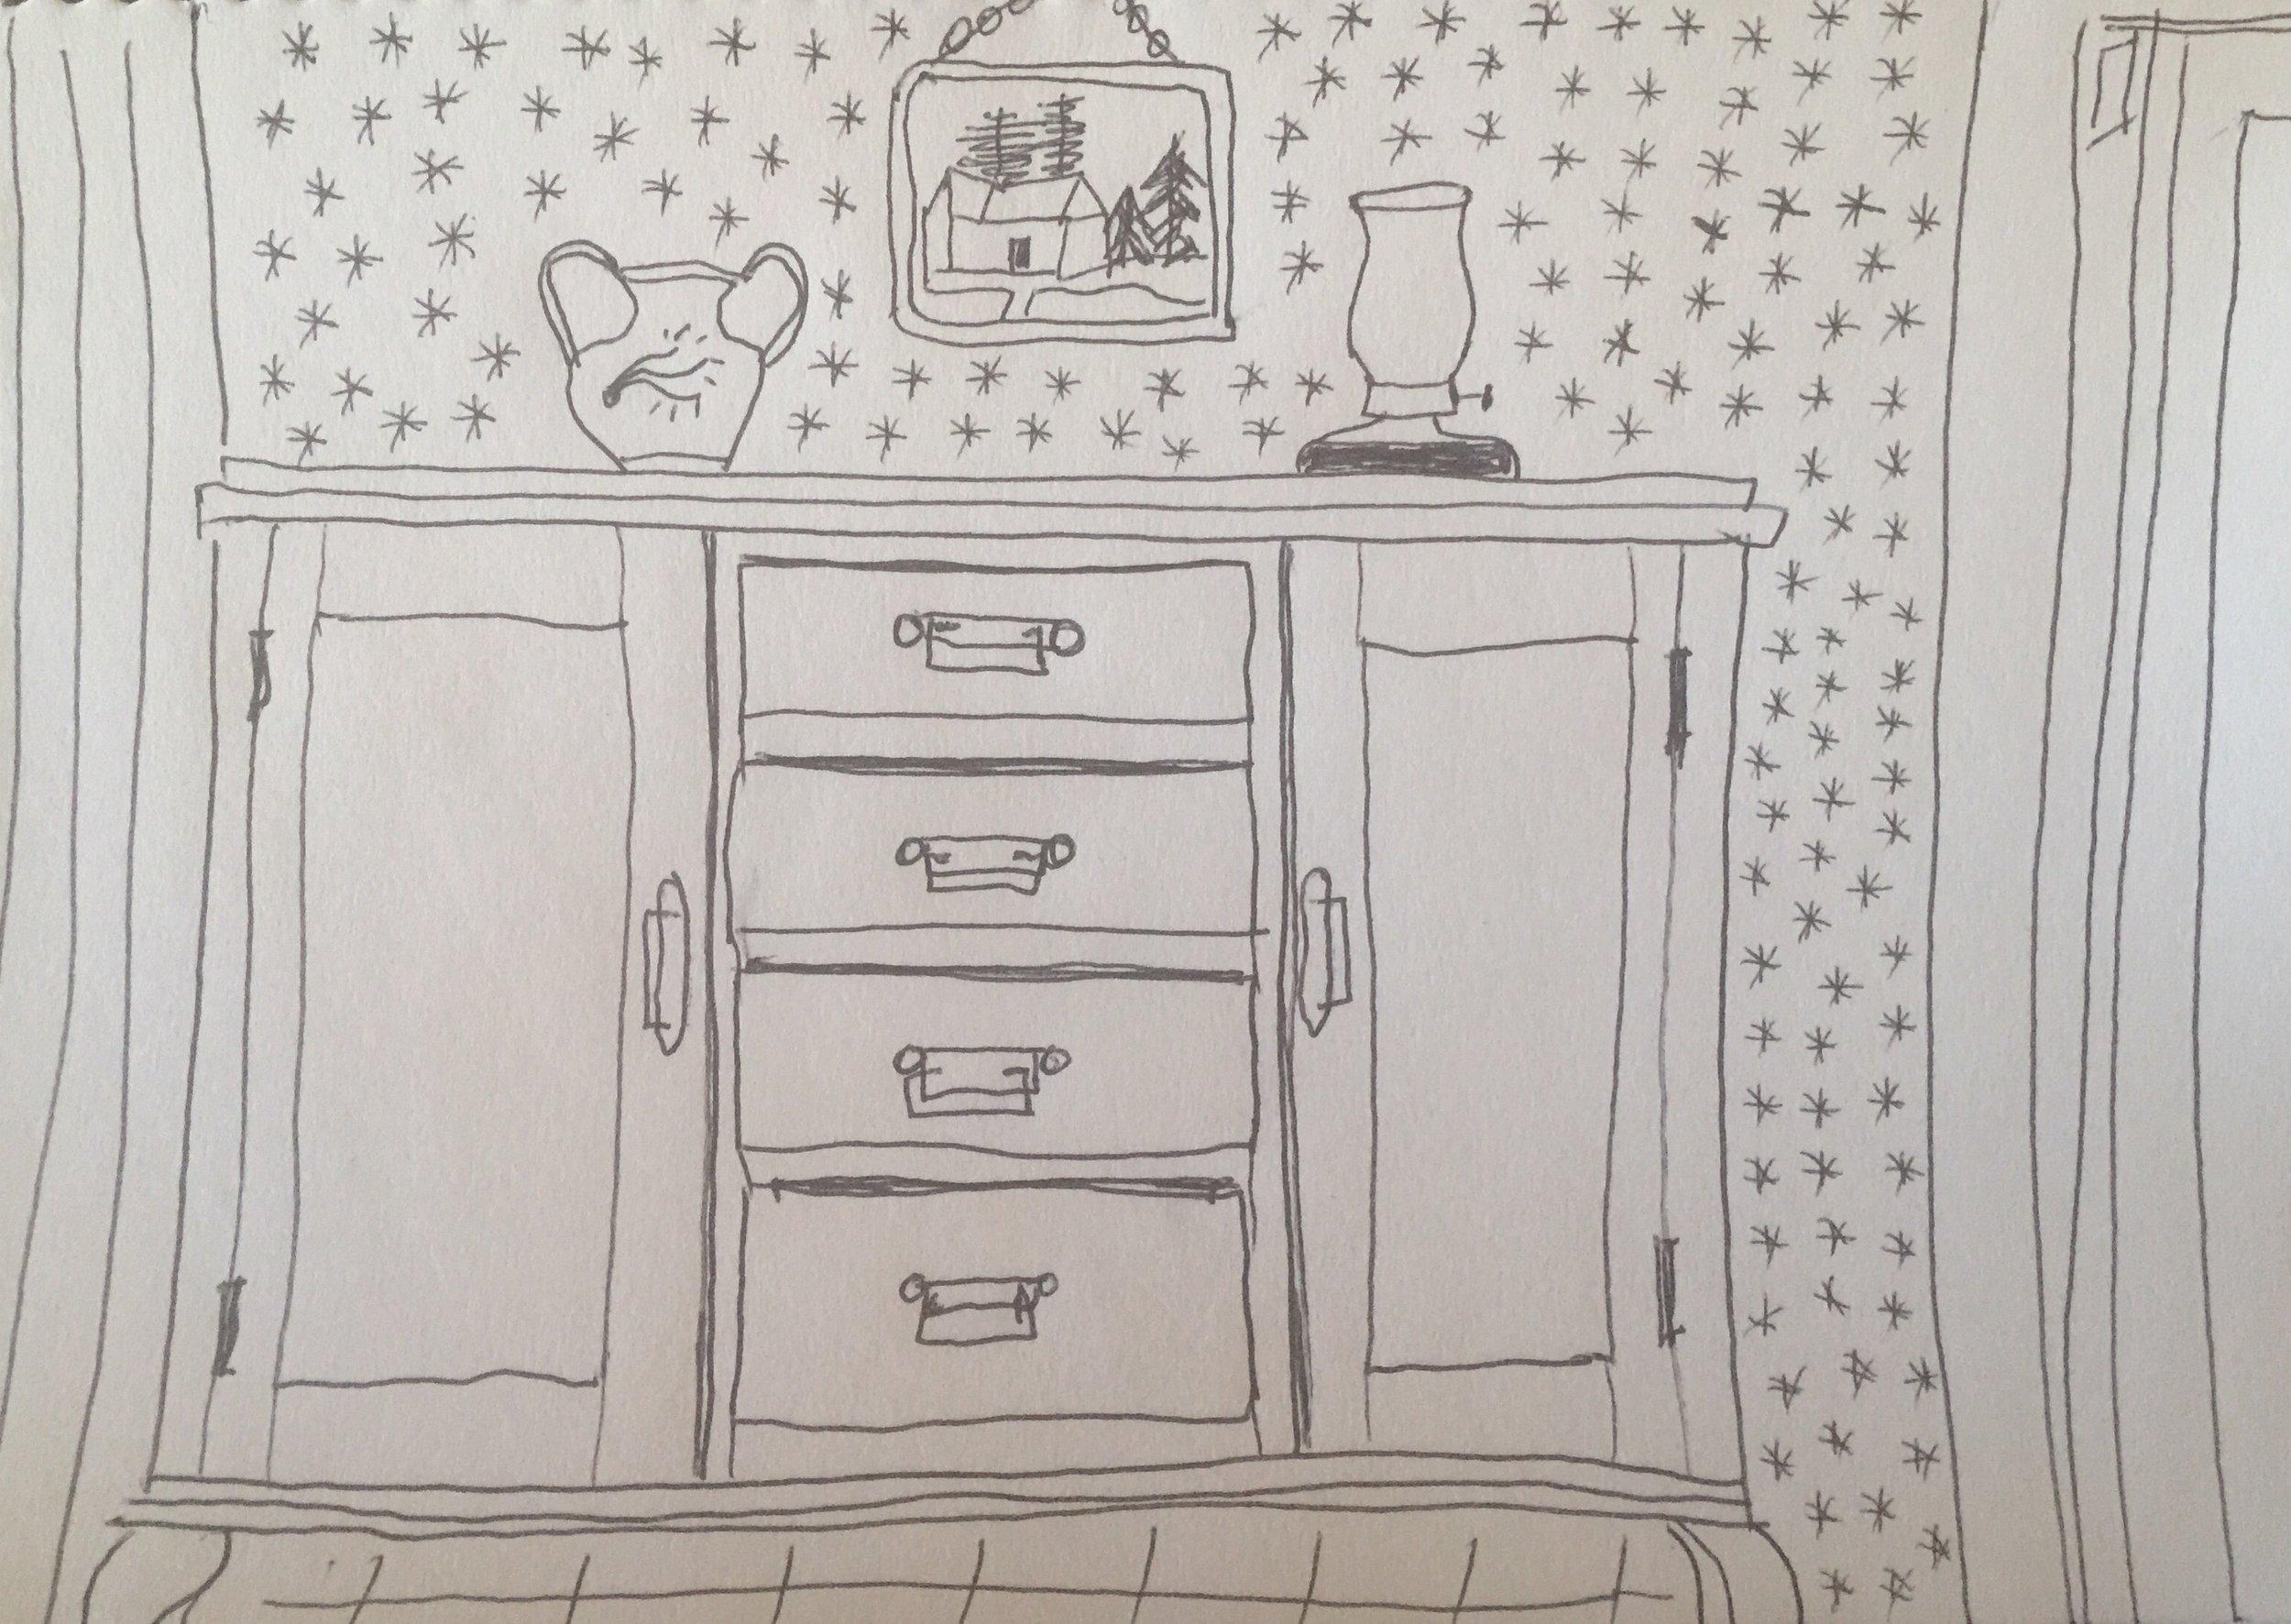 Tivat: hallway dresser